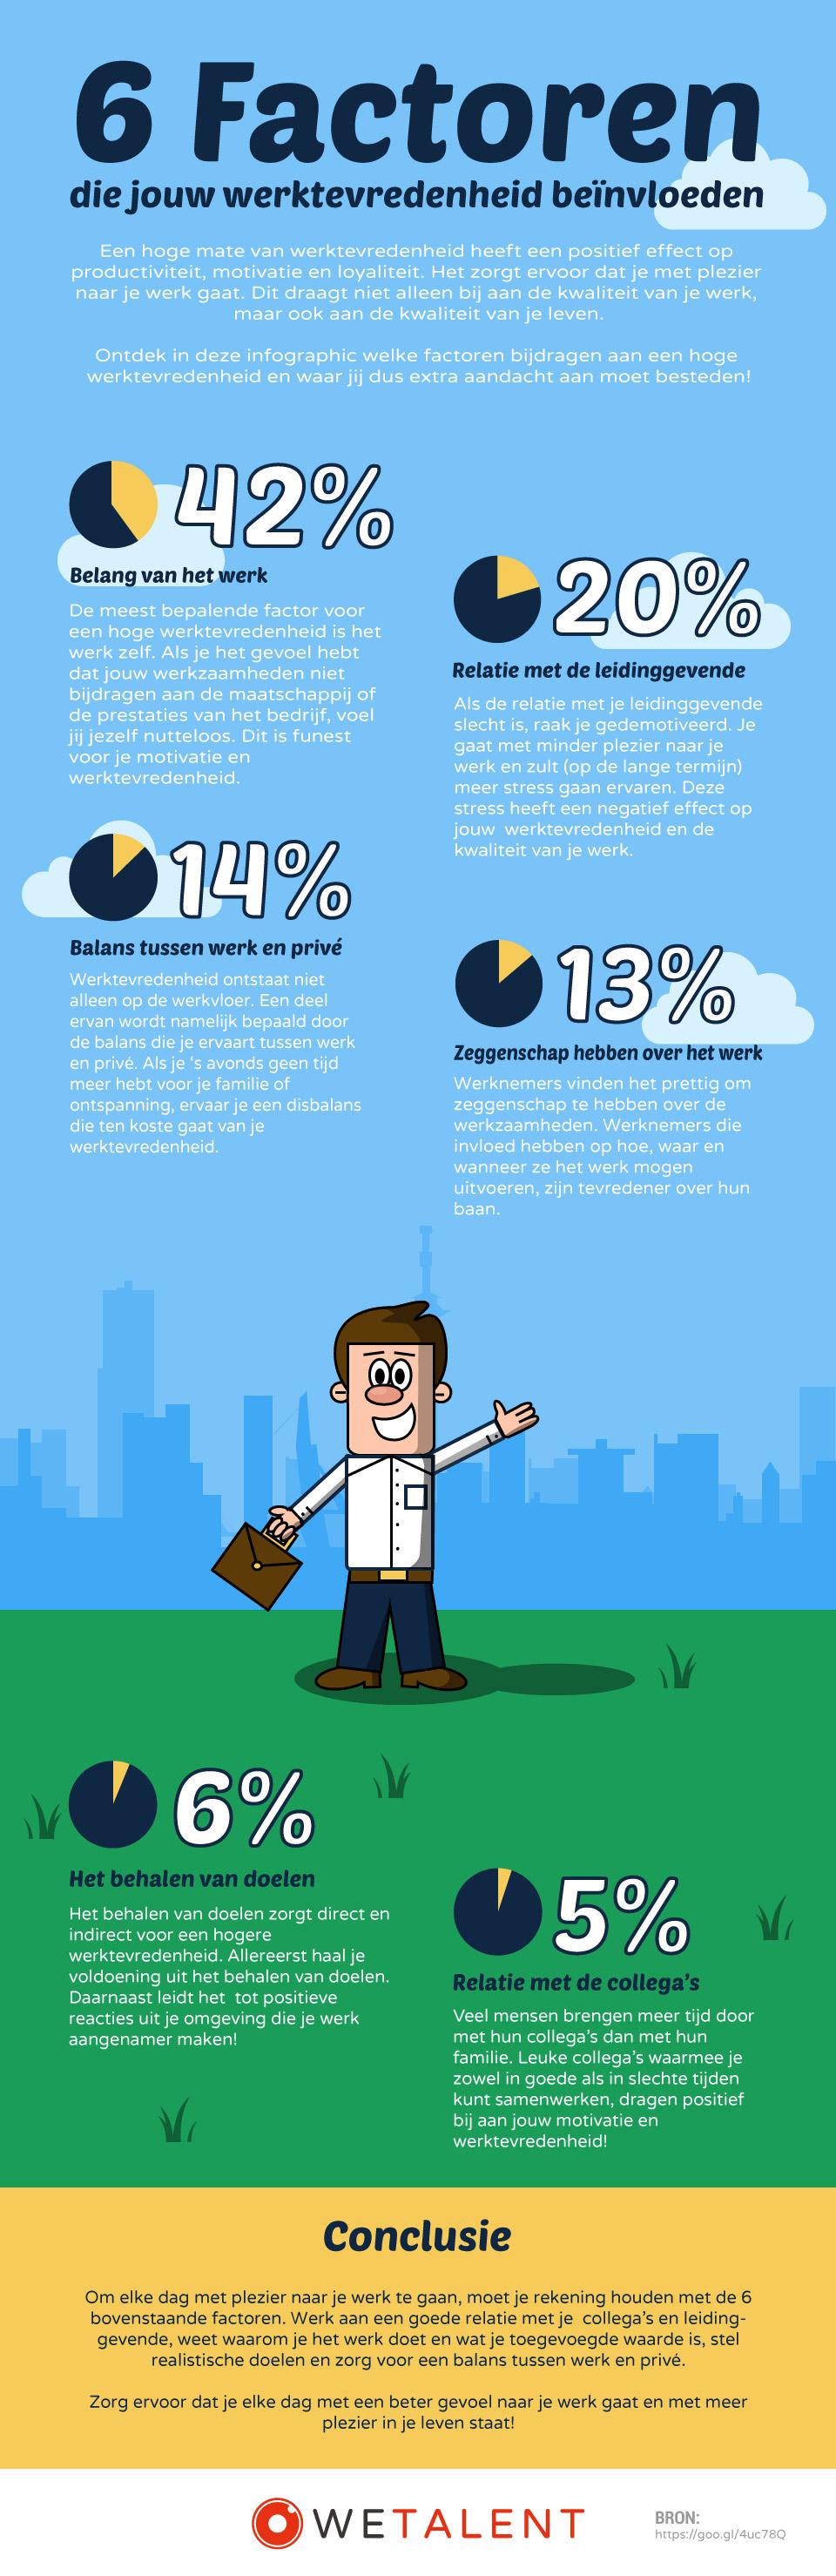 6 factoren die jouw werktevredenheid beïnvloeden - INFOGRAPHIC